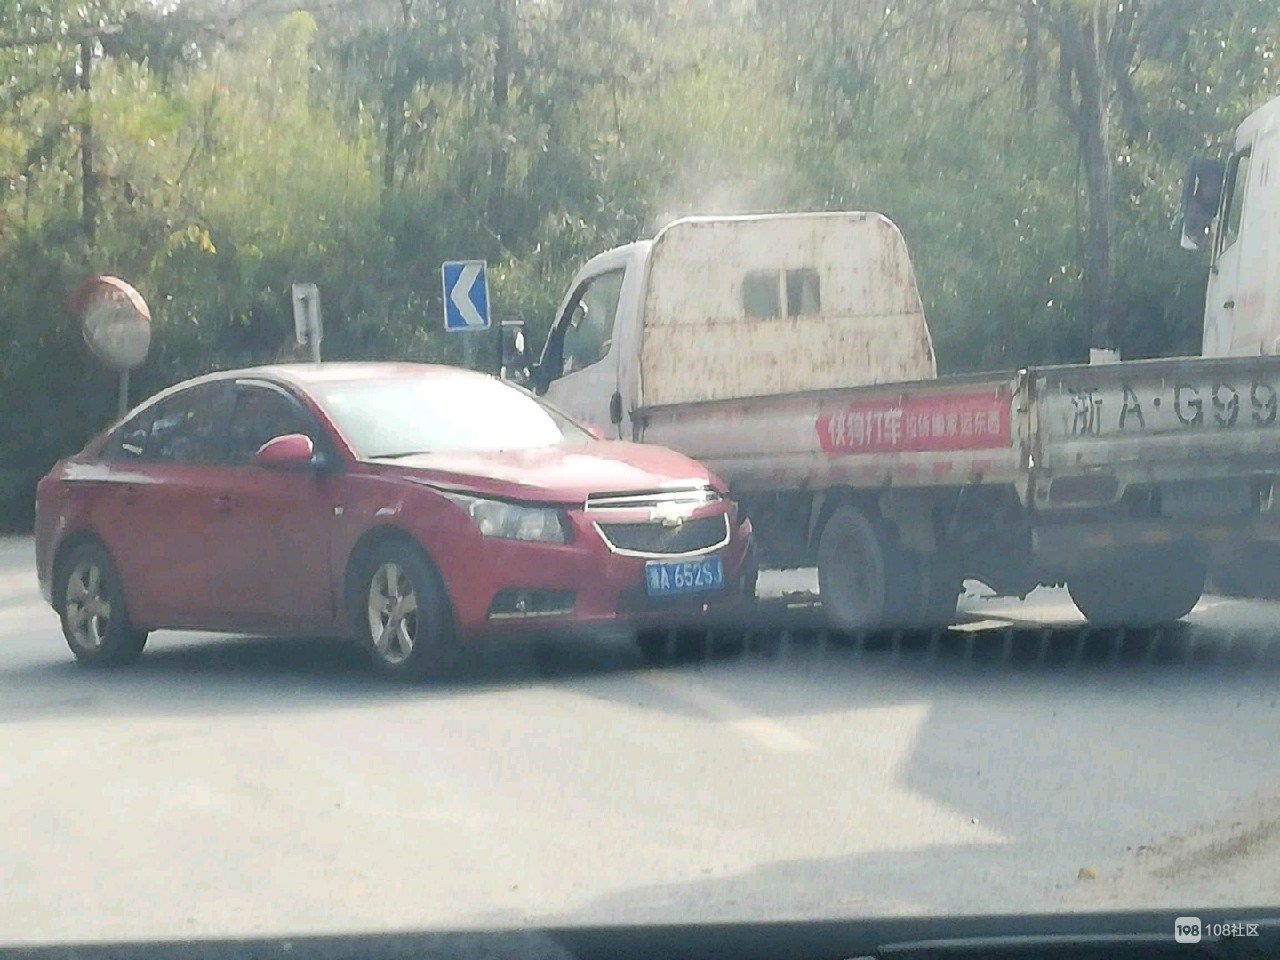 兰树坑一轿车变道逆行撞上对面货车,前侧撞烂惨不忍睹…